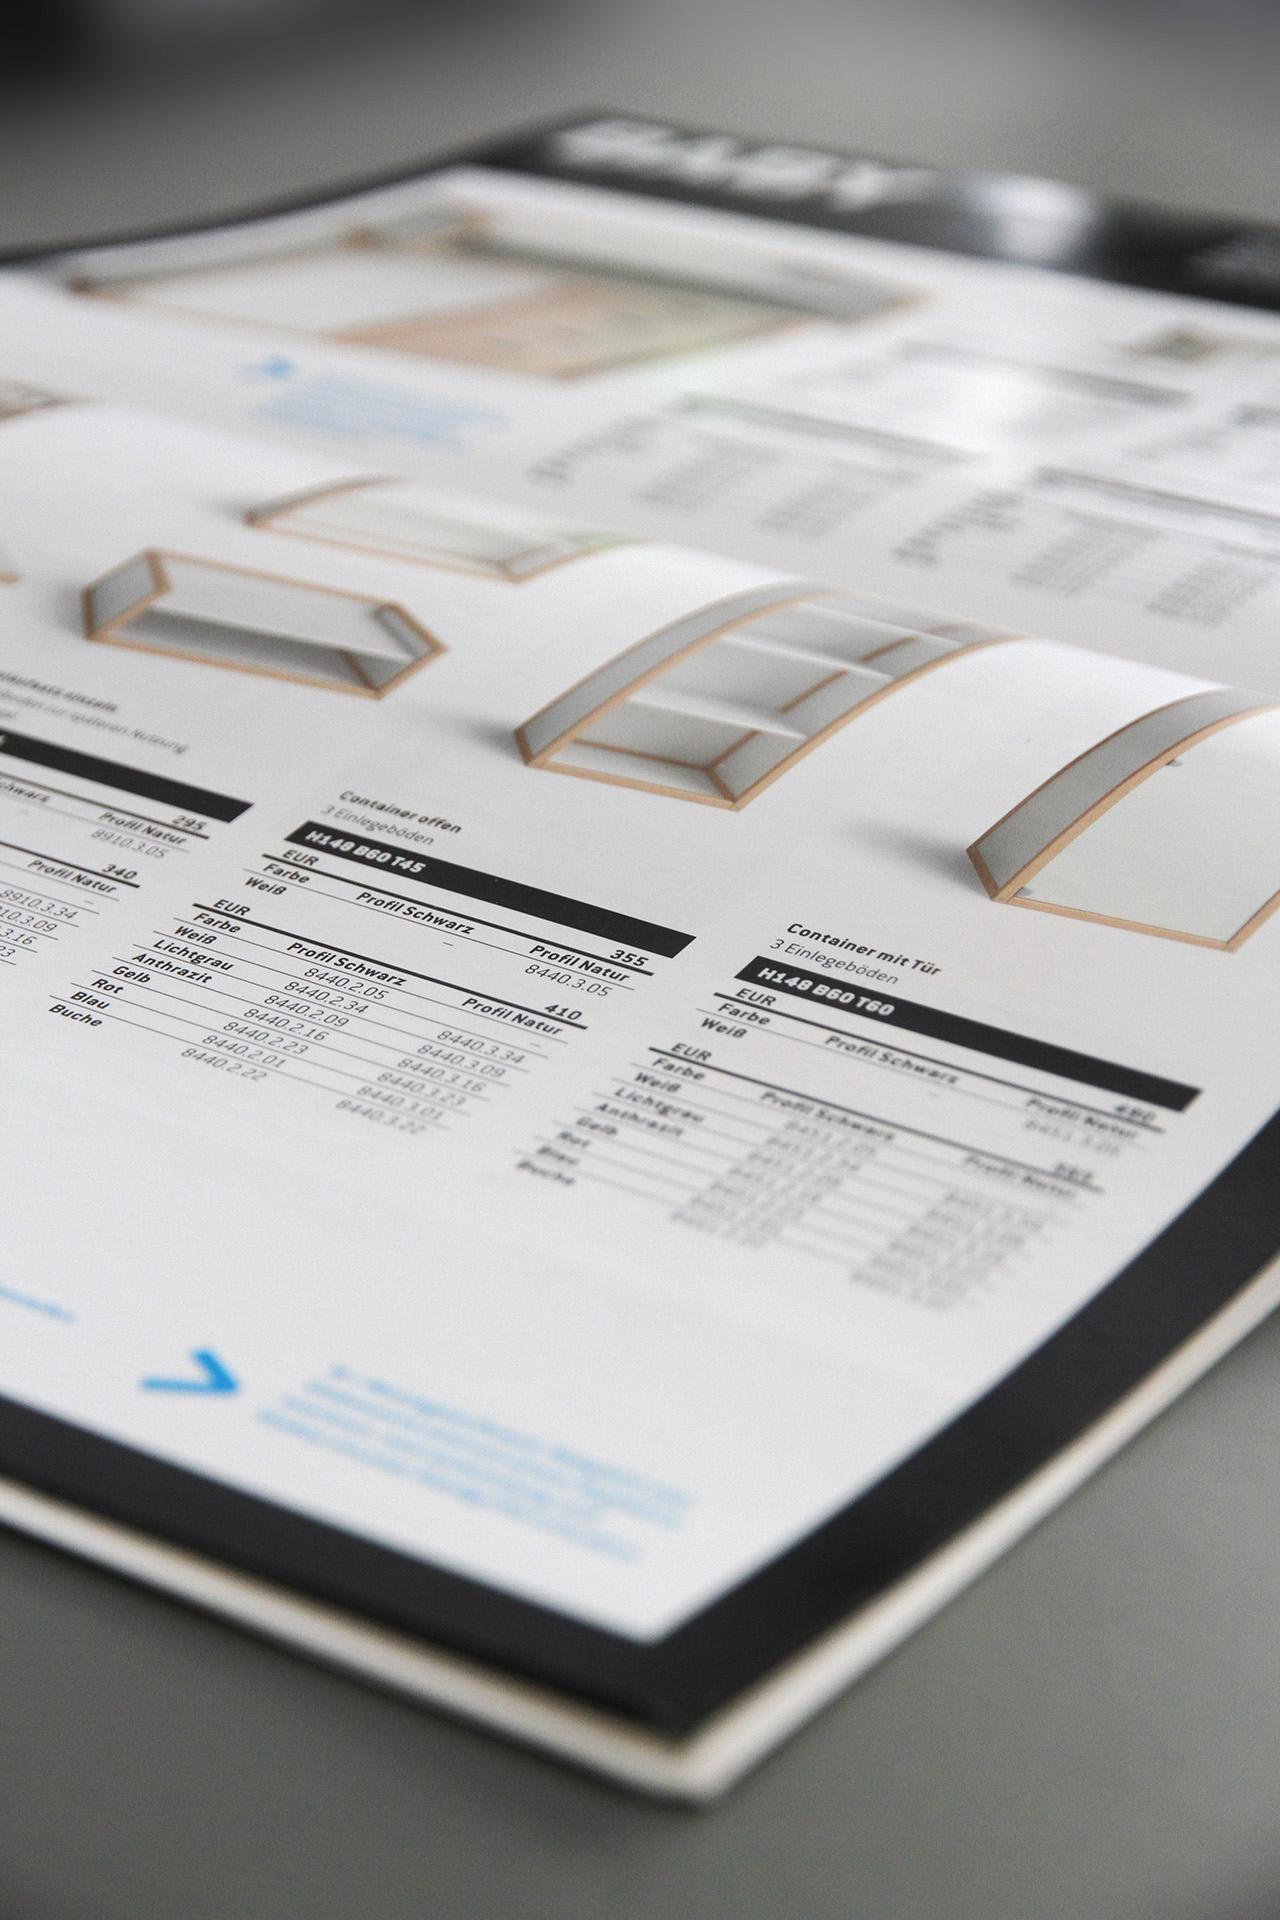 Catalogue Illustration Flötotto - Catalogue Layout